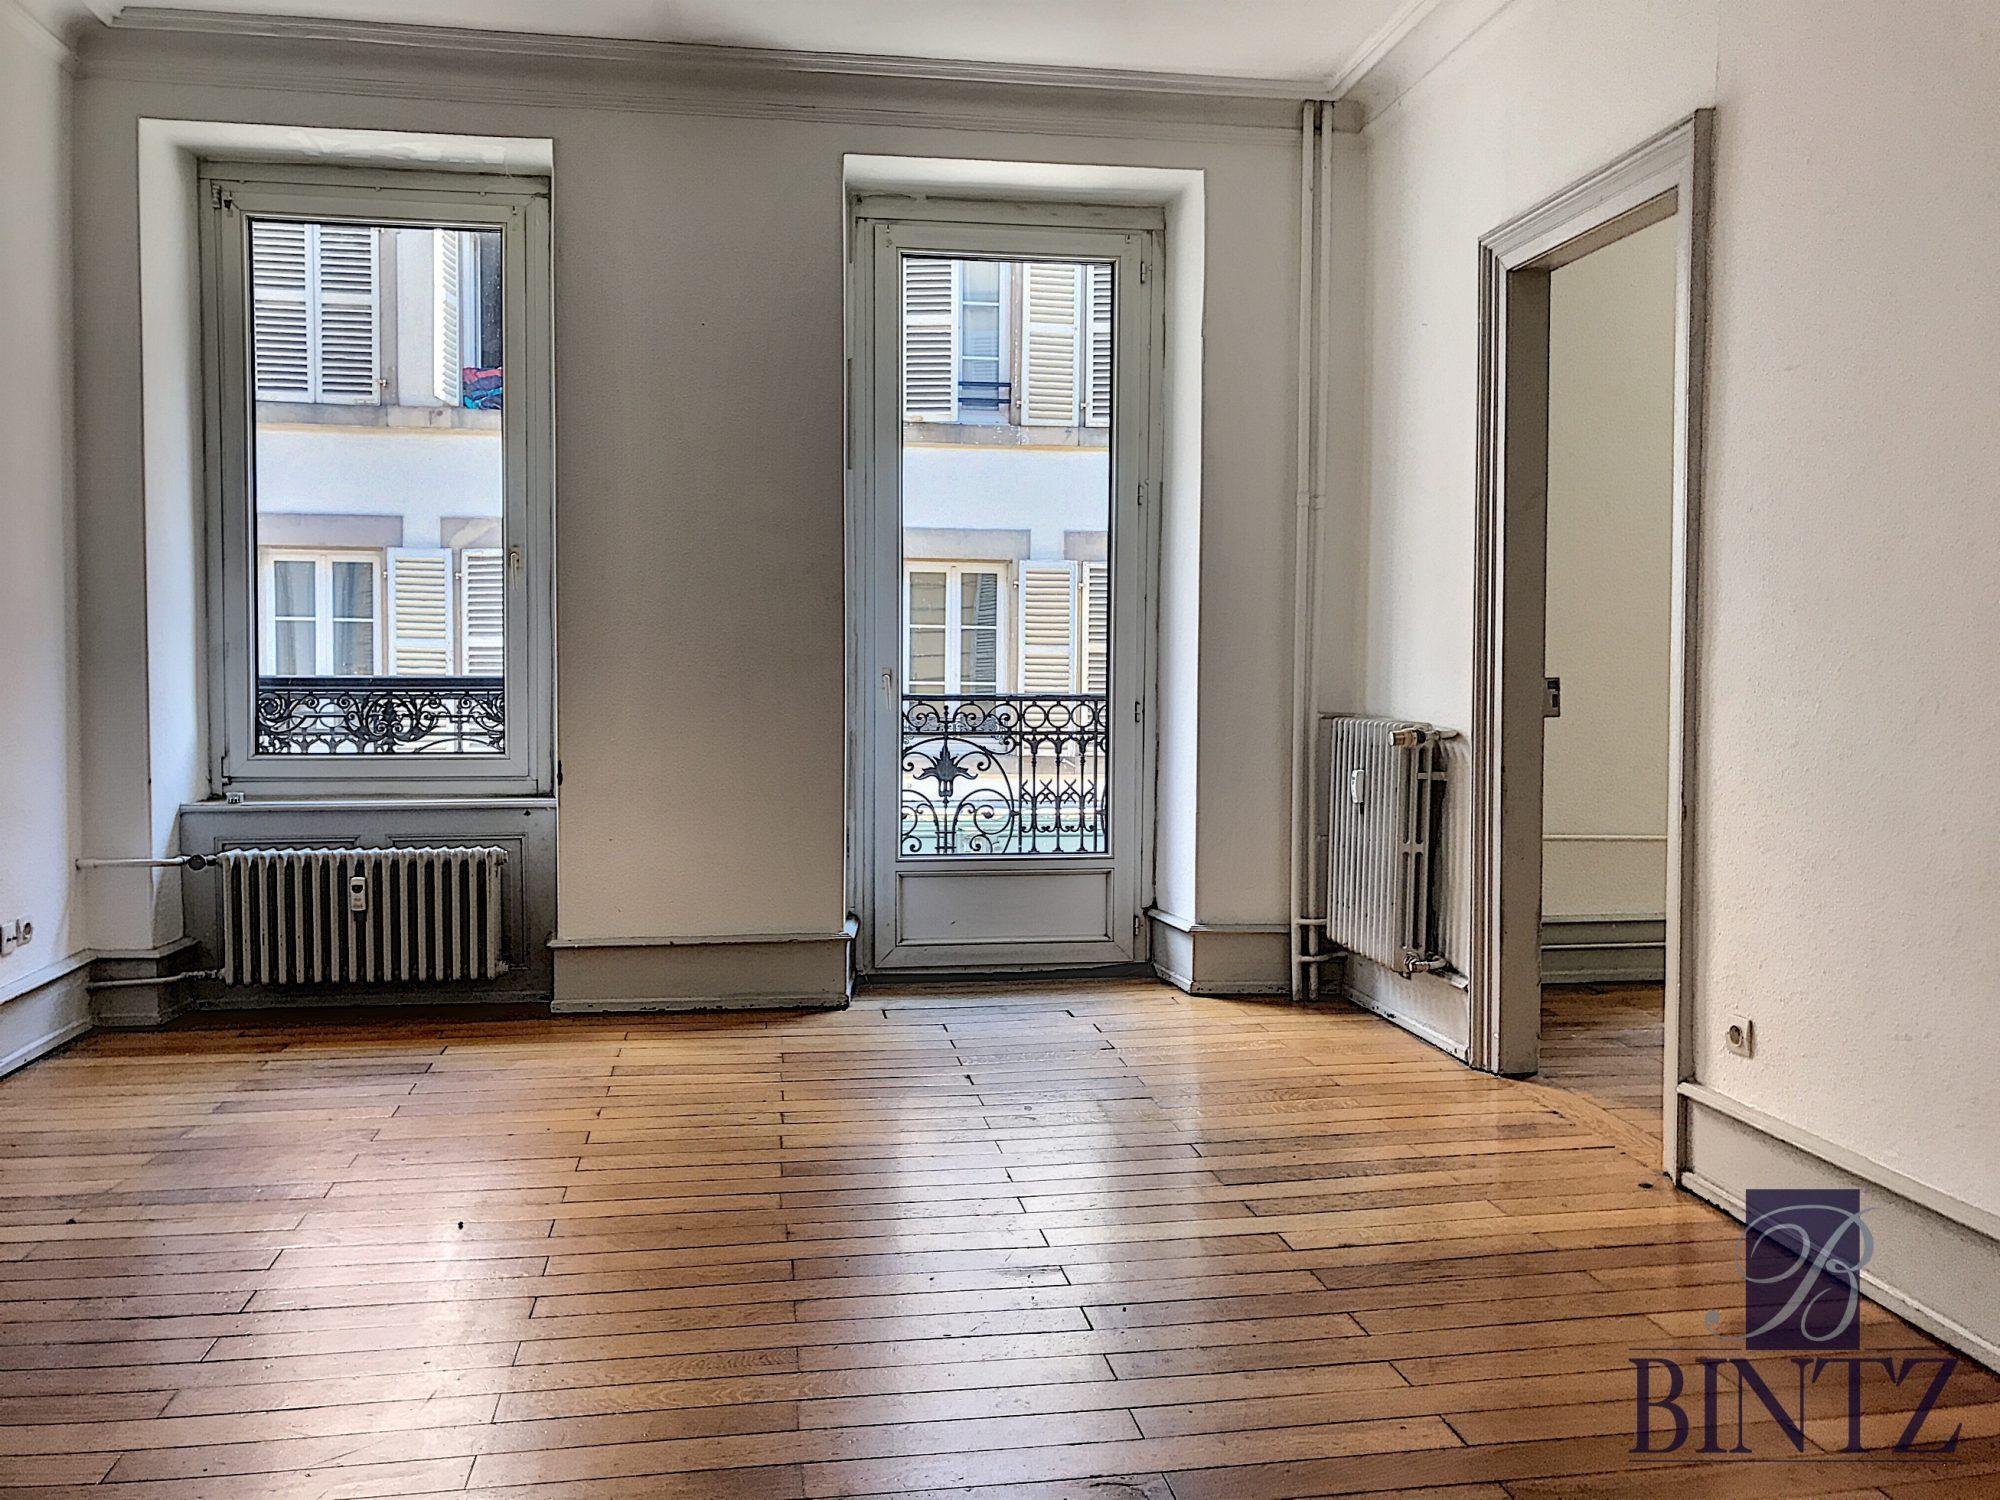 5 pièces à fort potentiel - Devenez propriétaire en toute confiance - Bintz Immobilier - 1